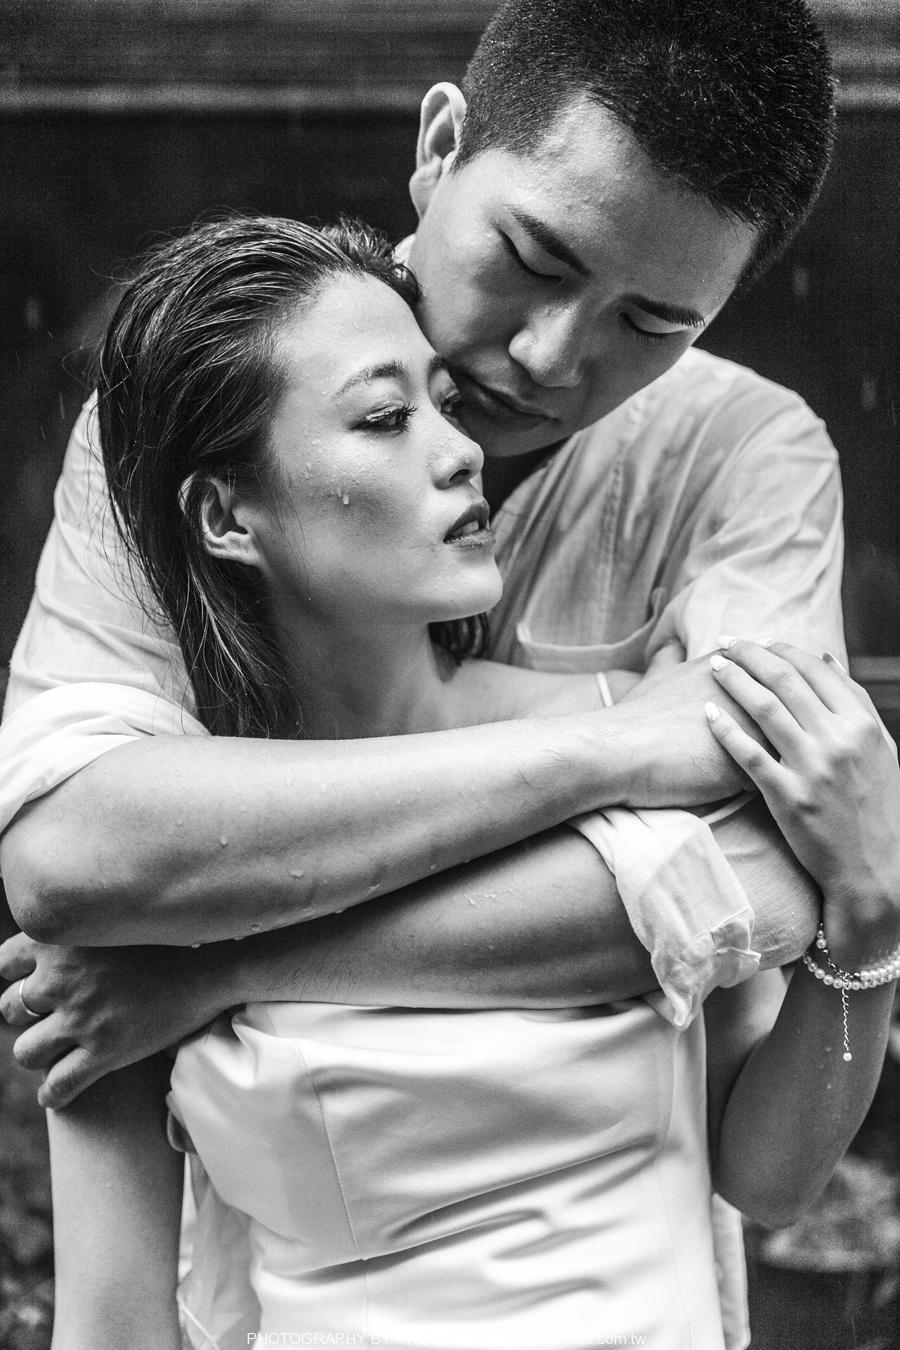 刘喆 PHOTOMAX 老麦摄影 绕着世界拍爱情 婚纱摄影 (12)